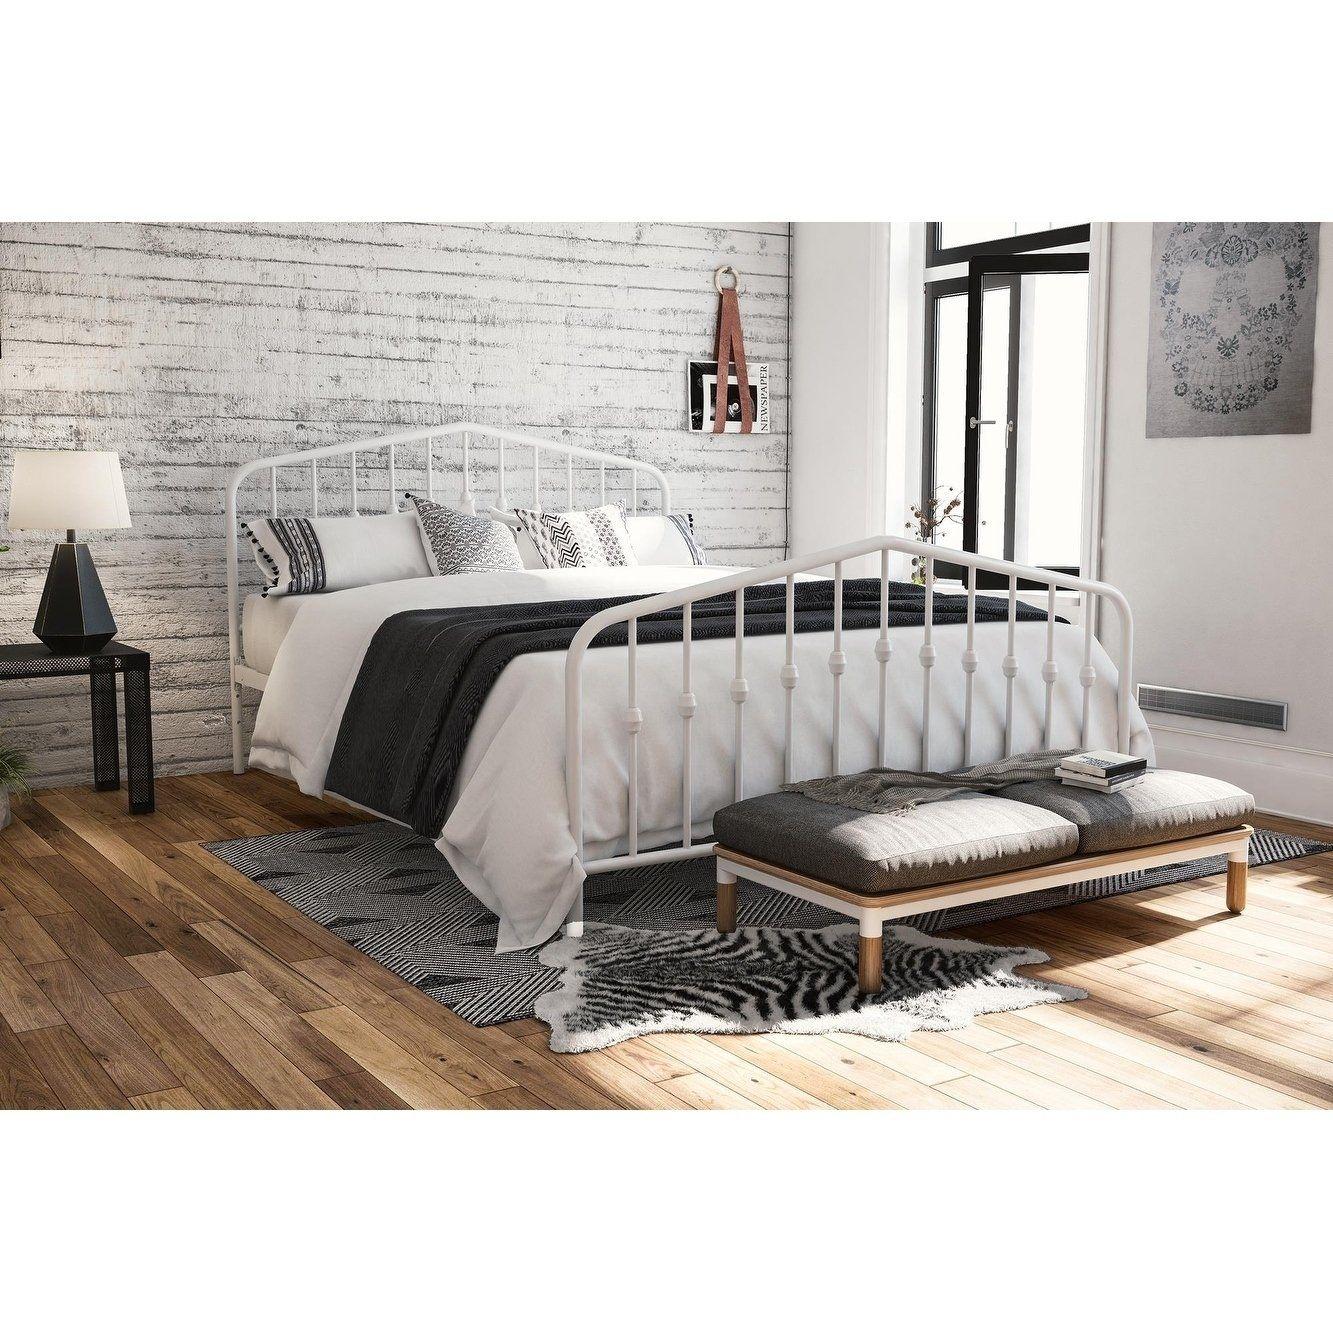 The Gray Barn Latigo Metal Platform Bed King metal bed